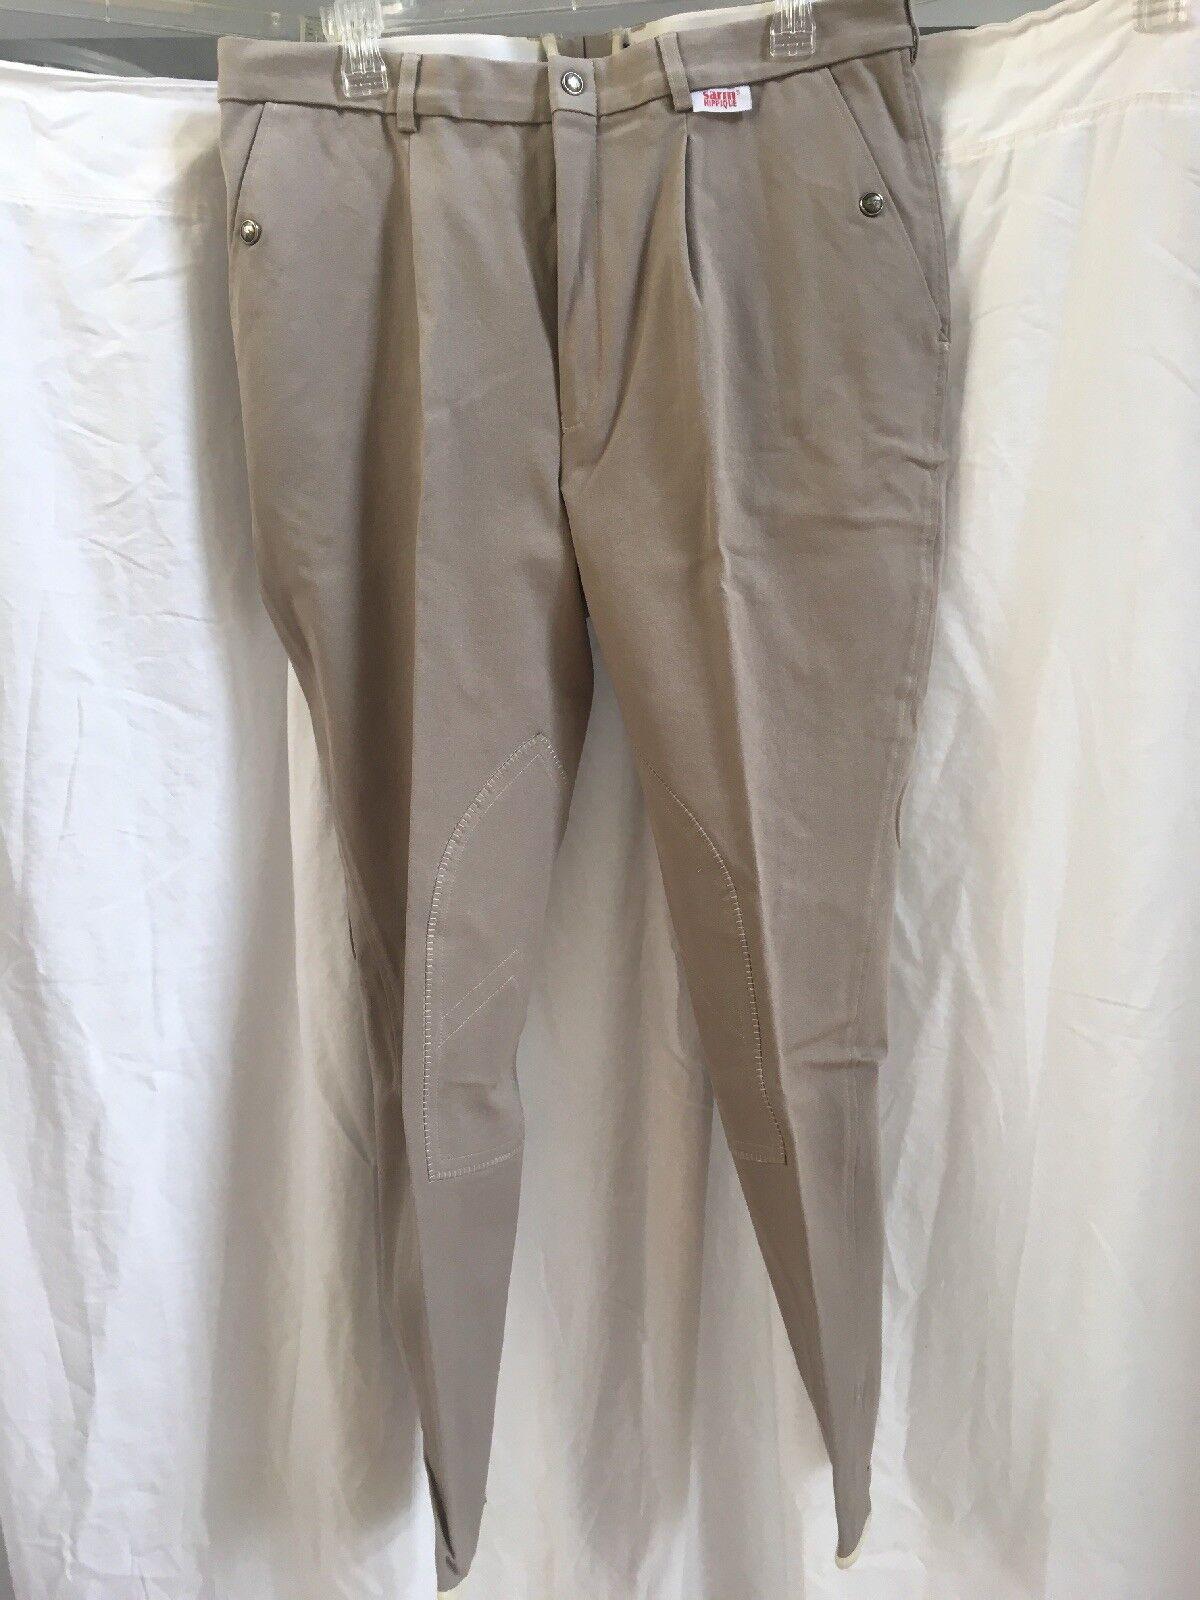 Men's Sarm Hippque Breeches Size 36 color Tan NWT